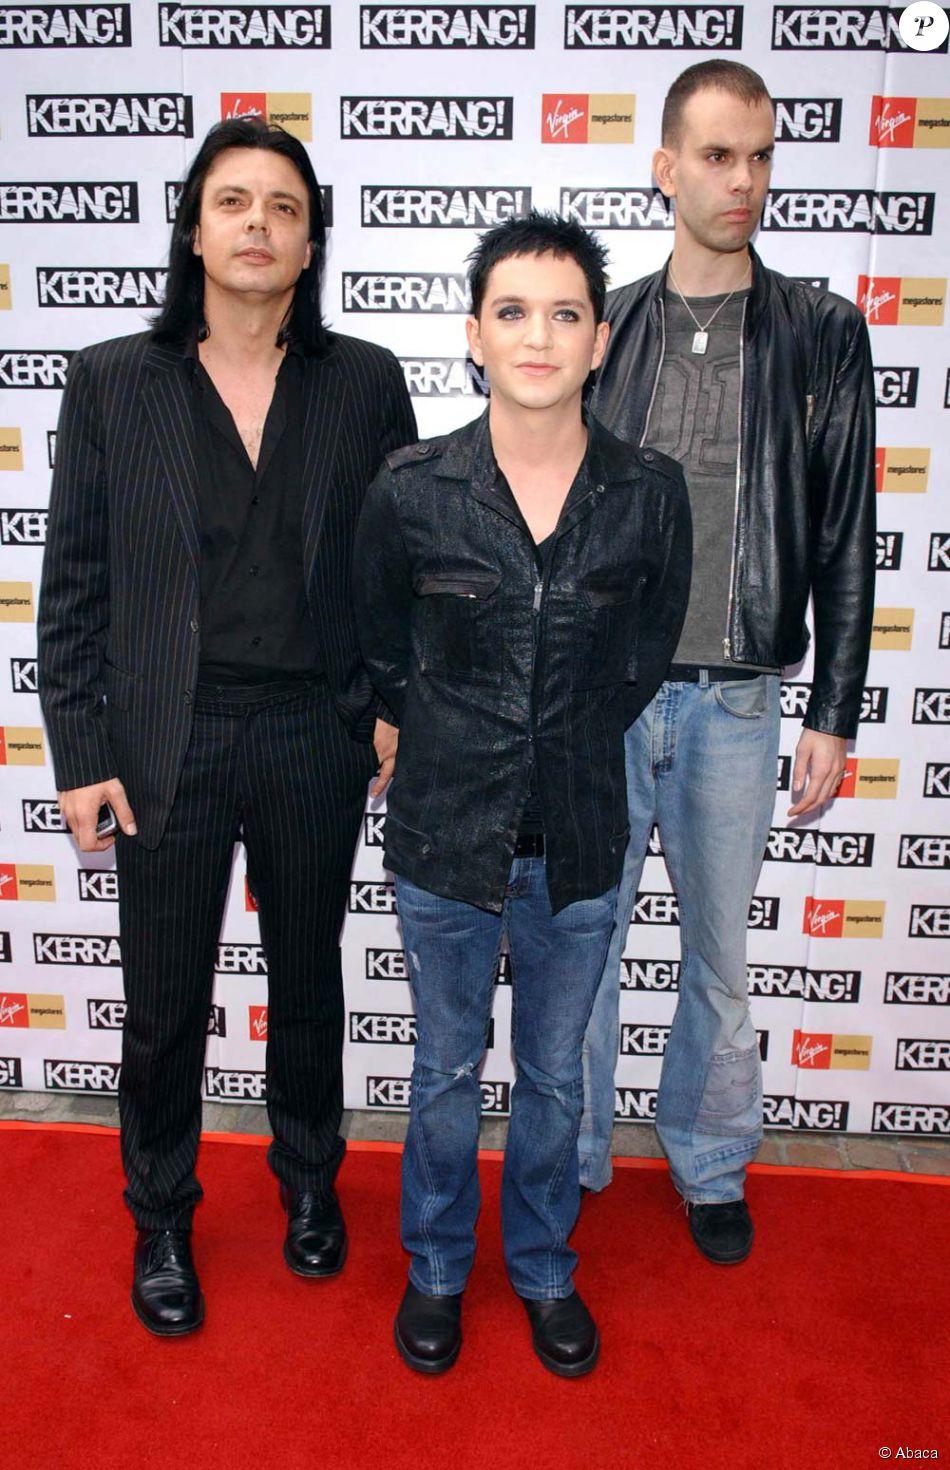 Kerrang rencontres prix Branchement à Newport Beach